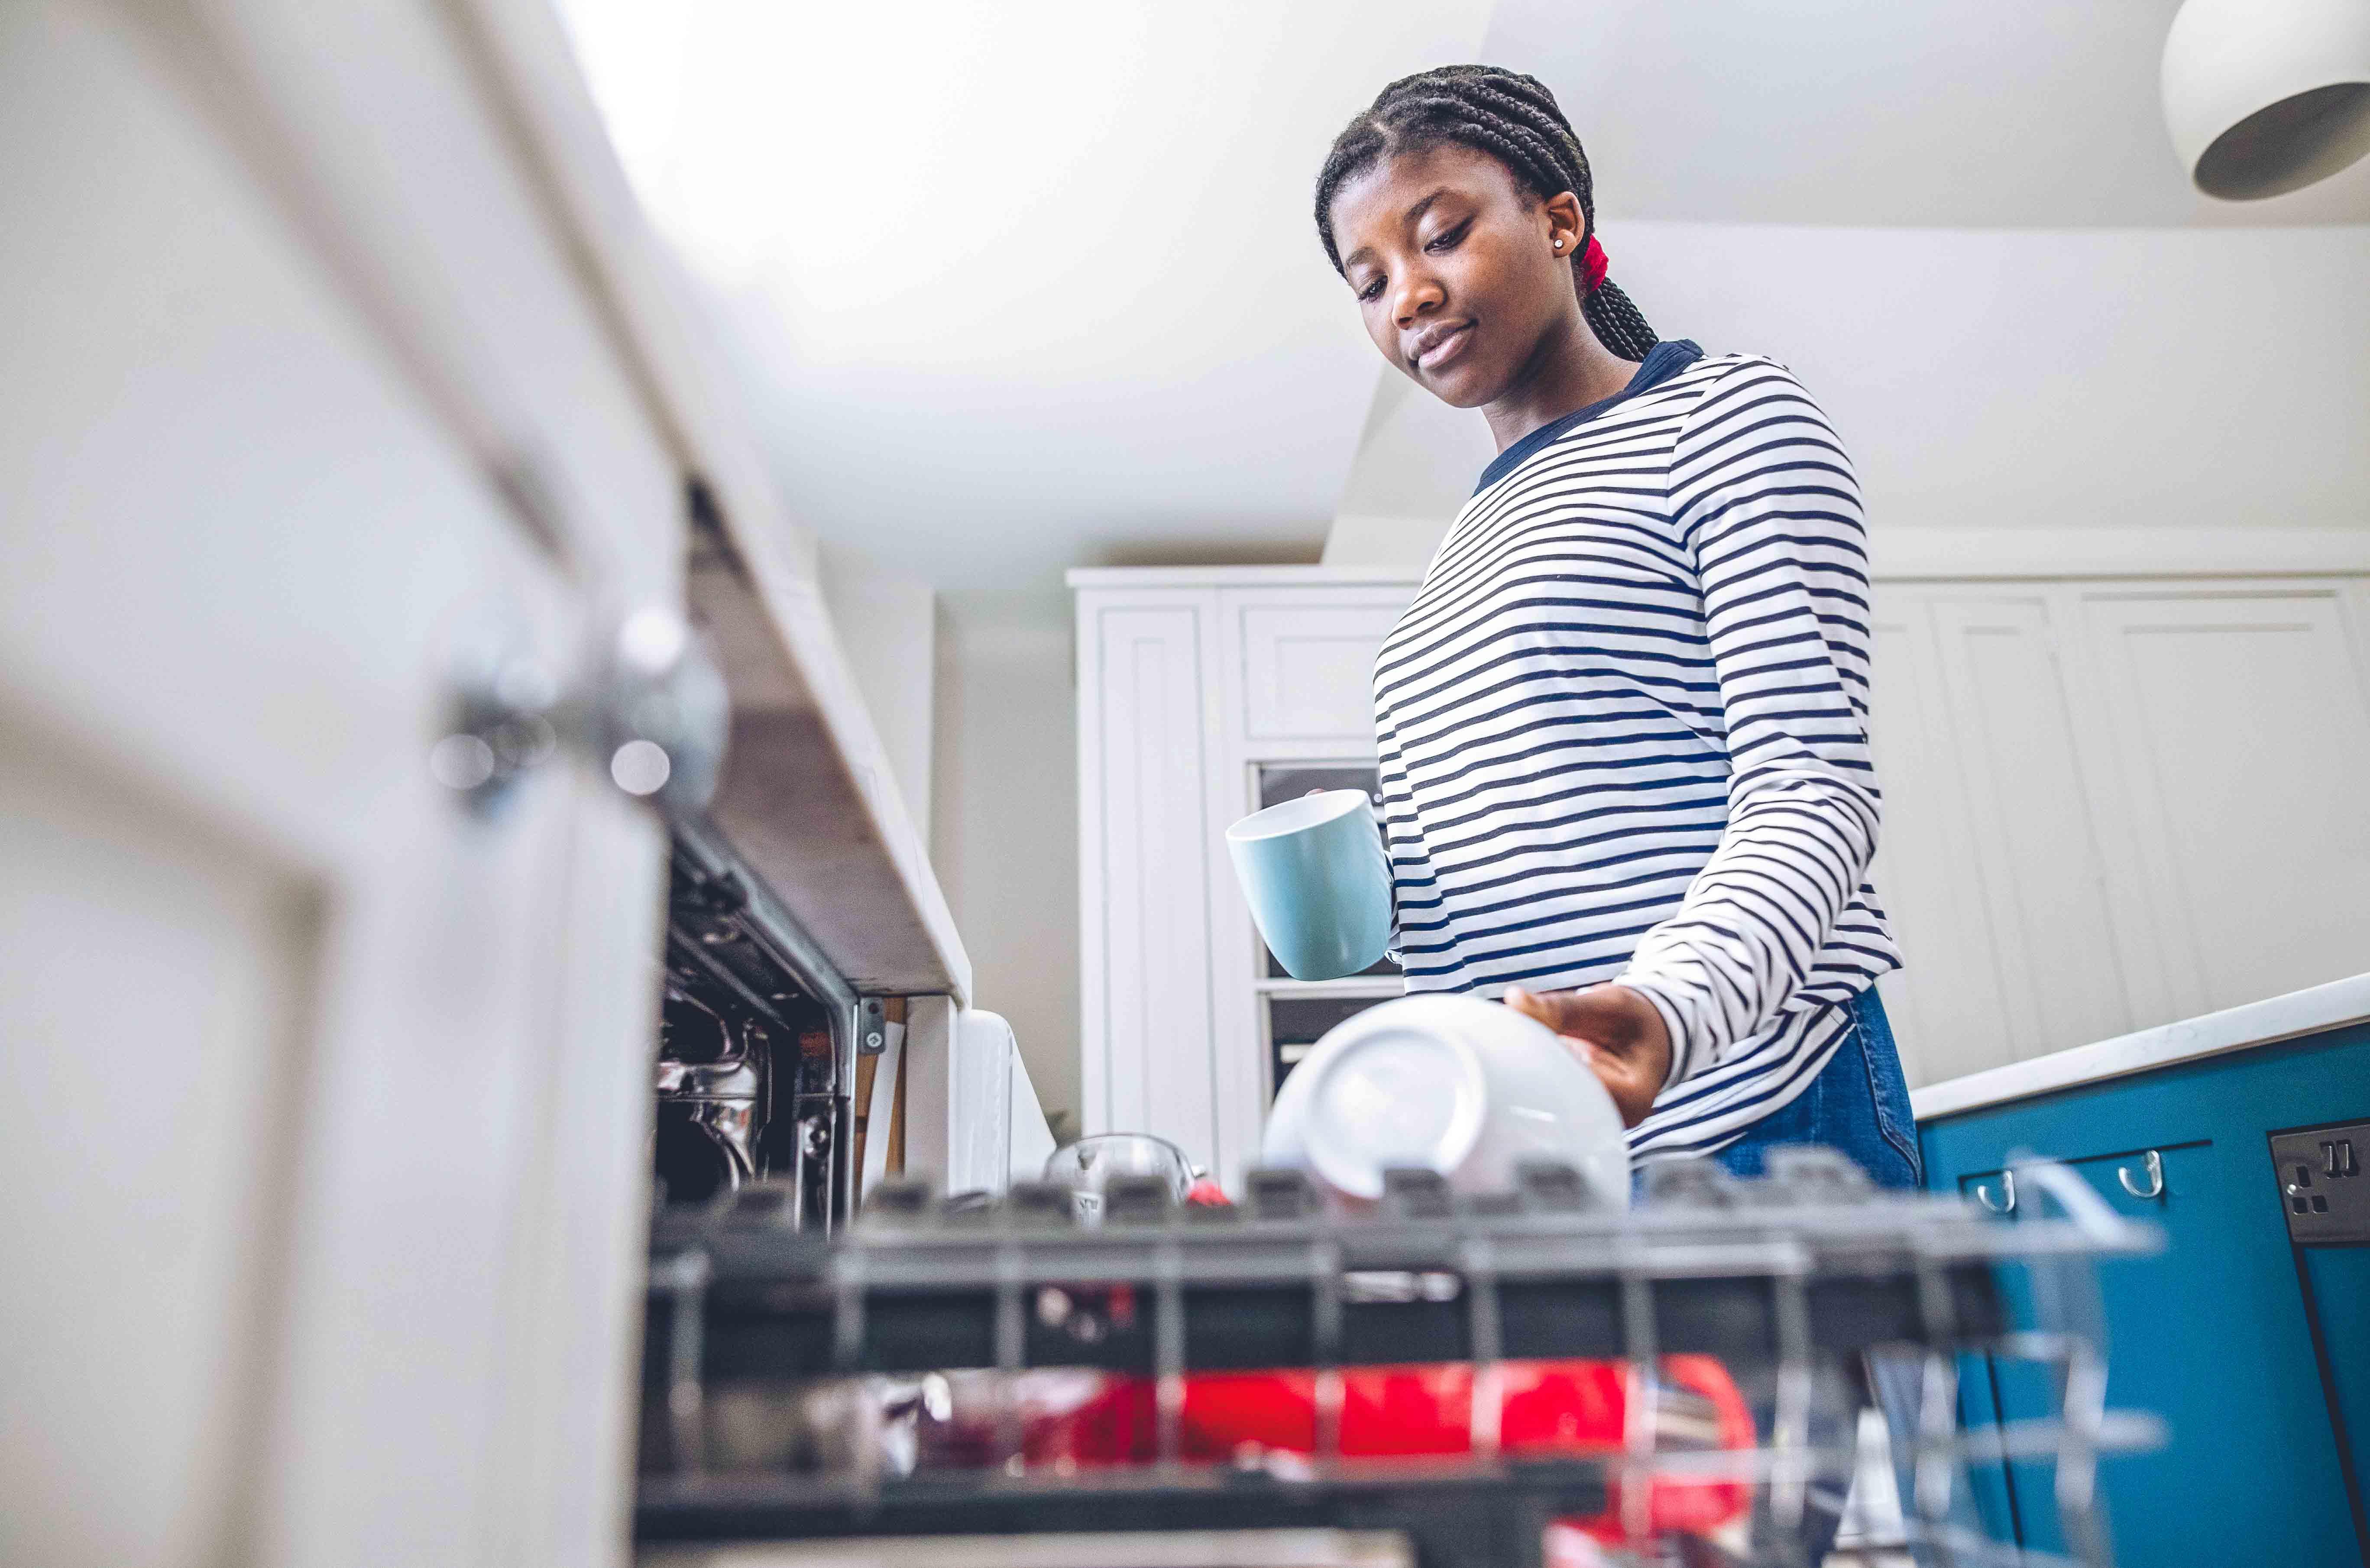 Teenager loading dishwasher